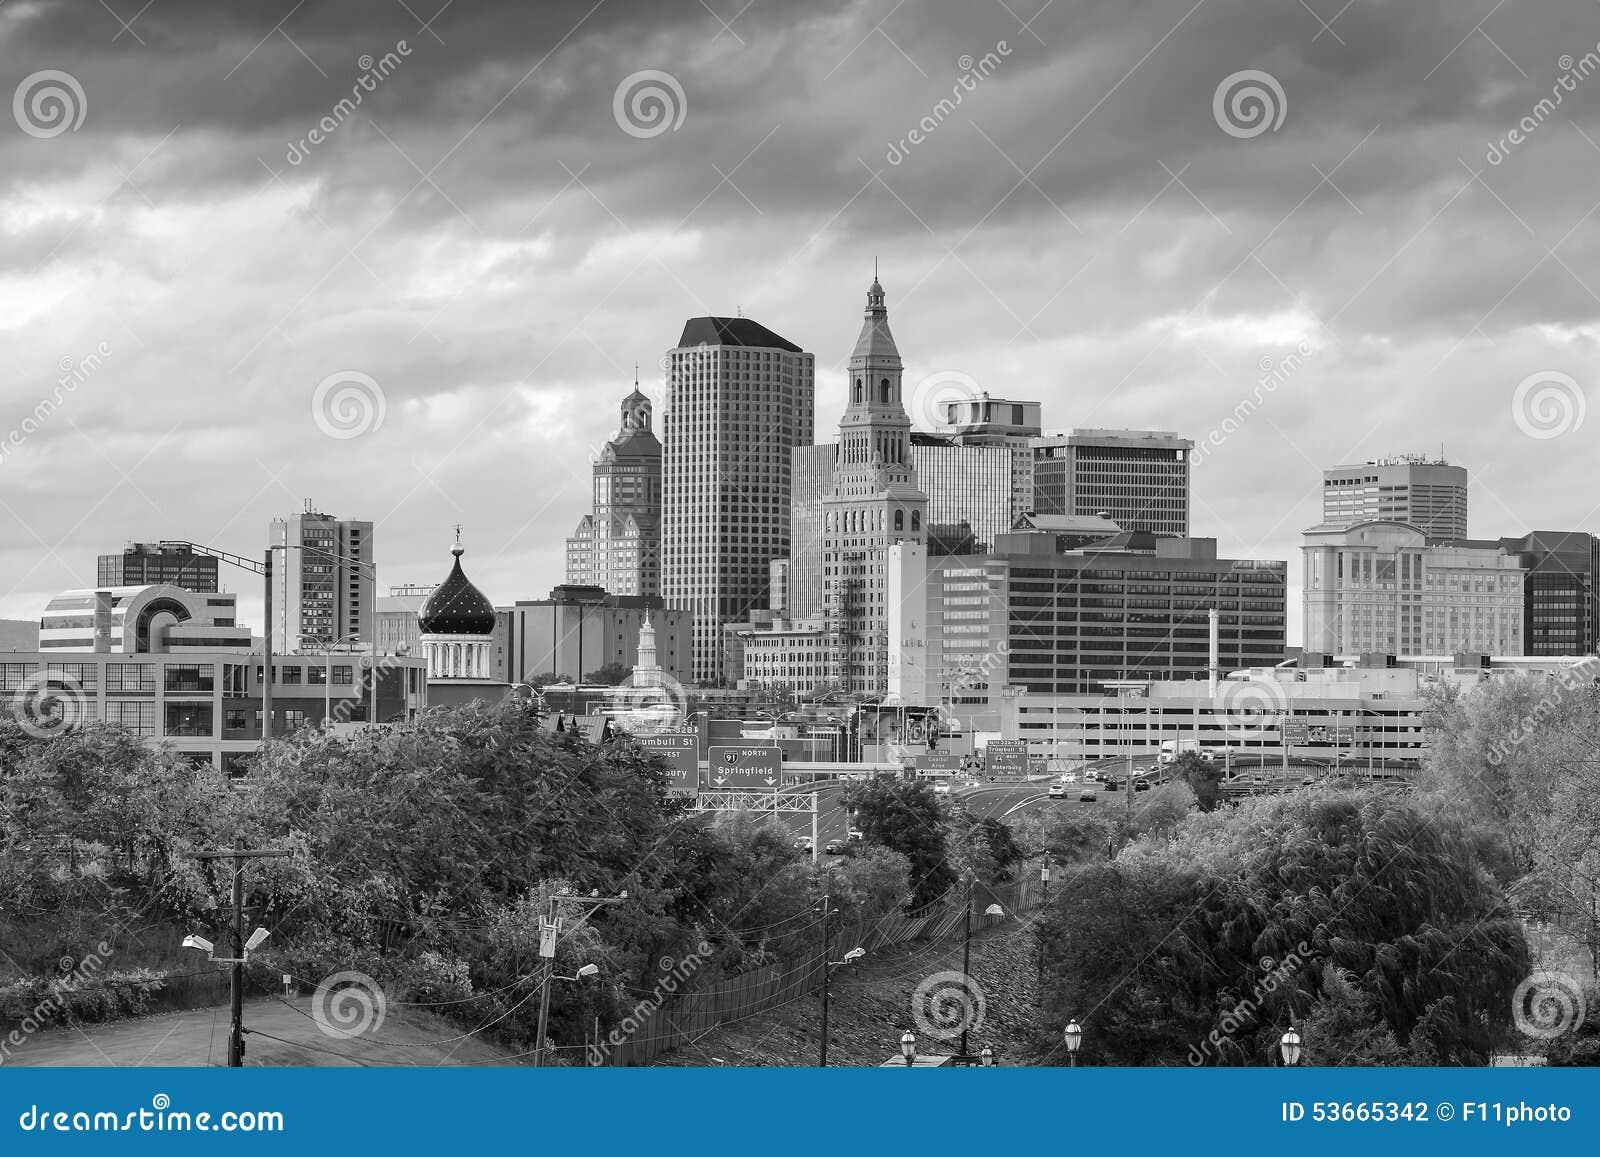 Skyline von im Stadtzentrum gelegenem Hartford, Connecticut von der oben genannten Charter-Eiche